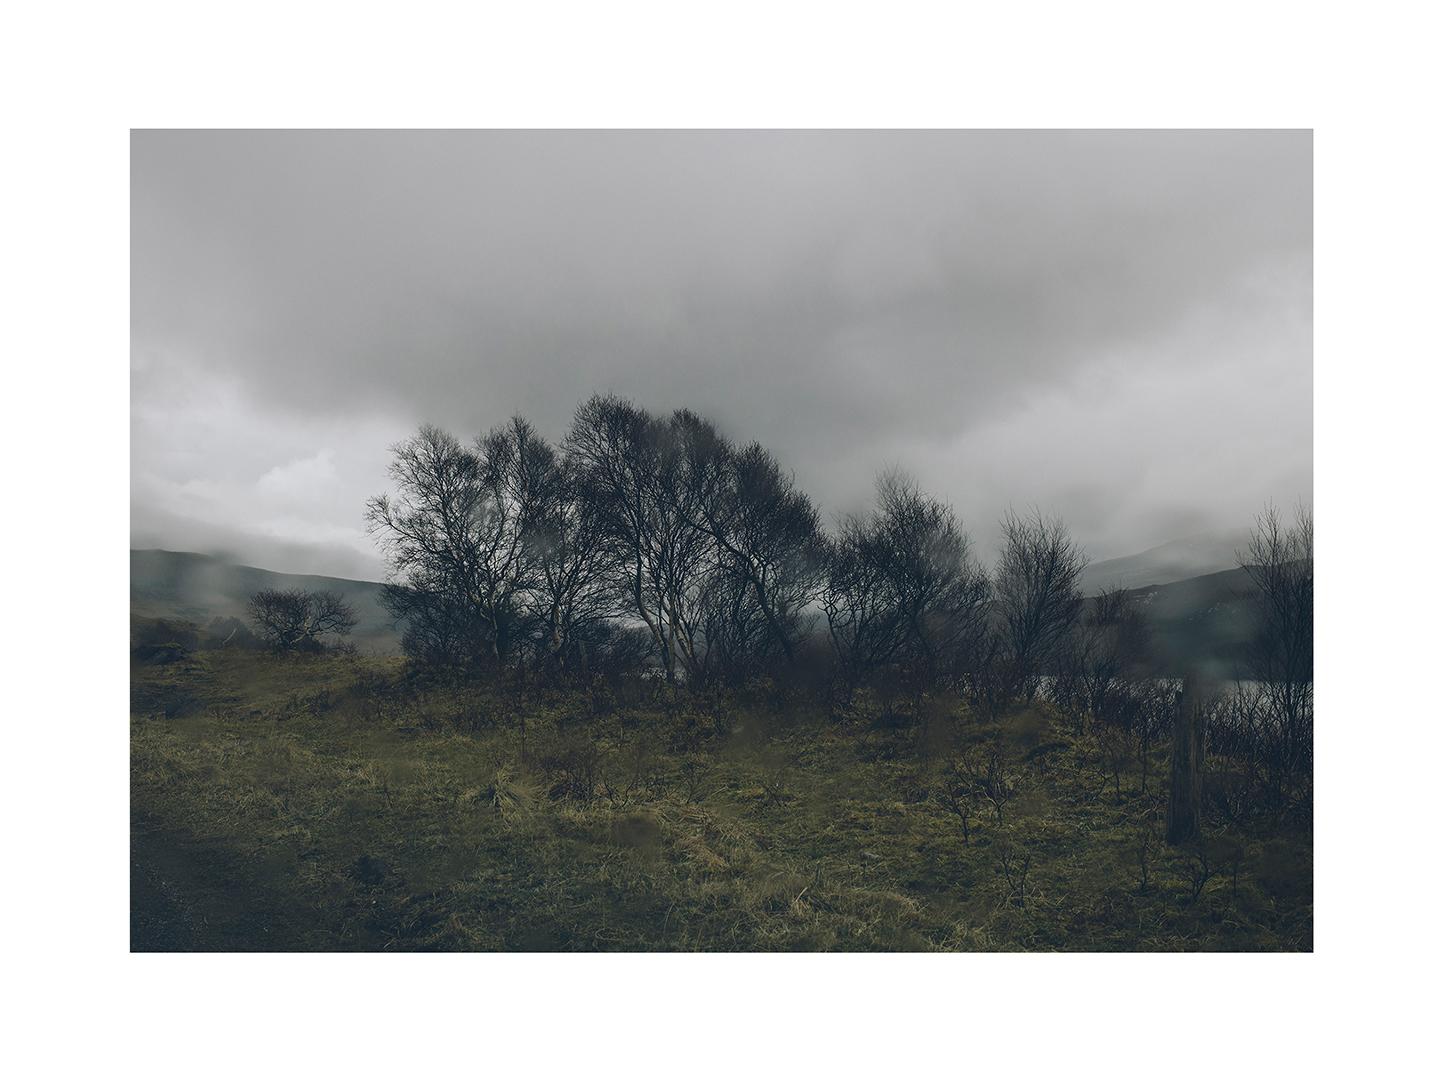 landscapes_374.jpg